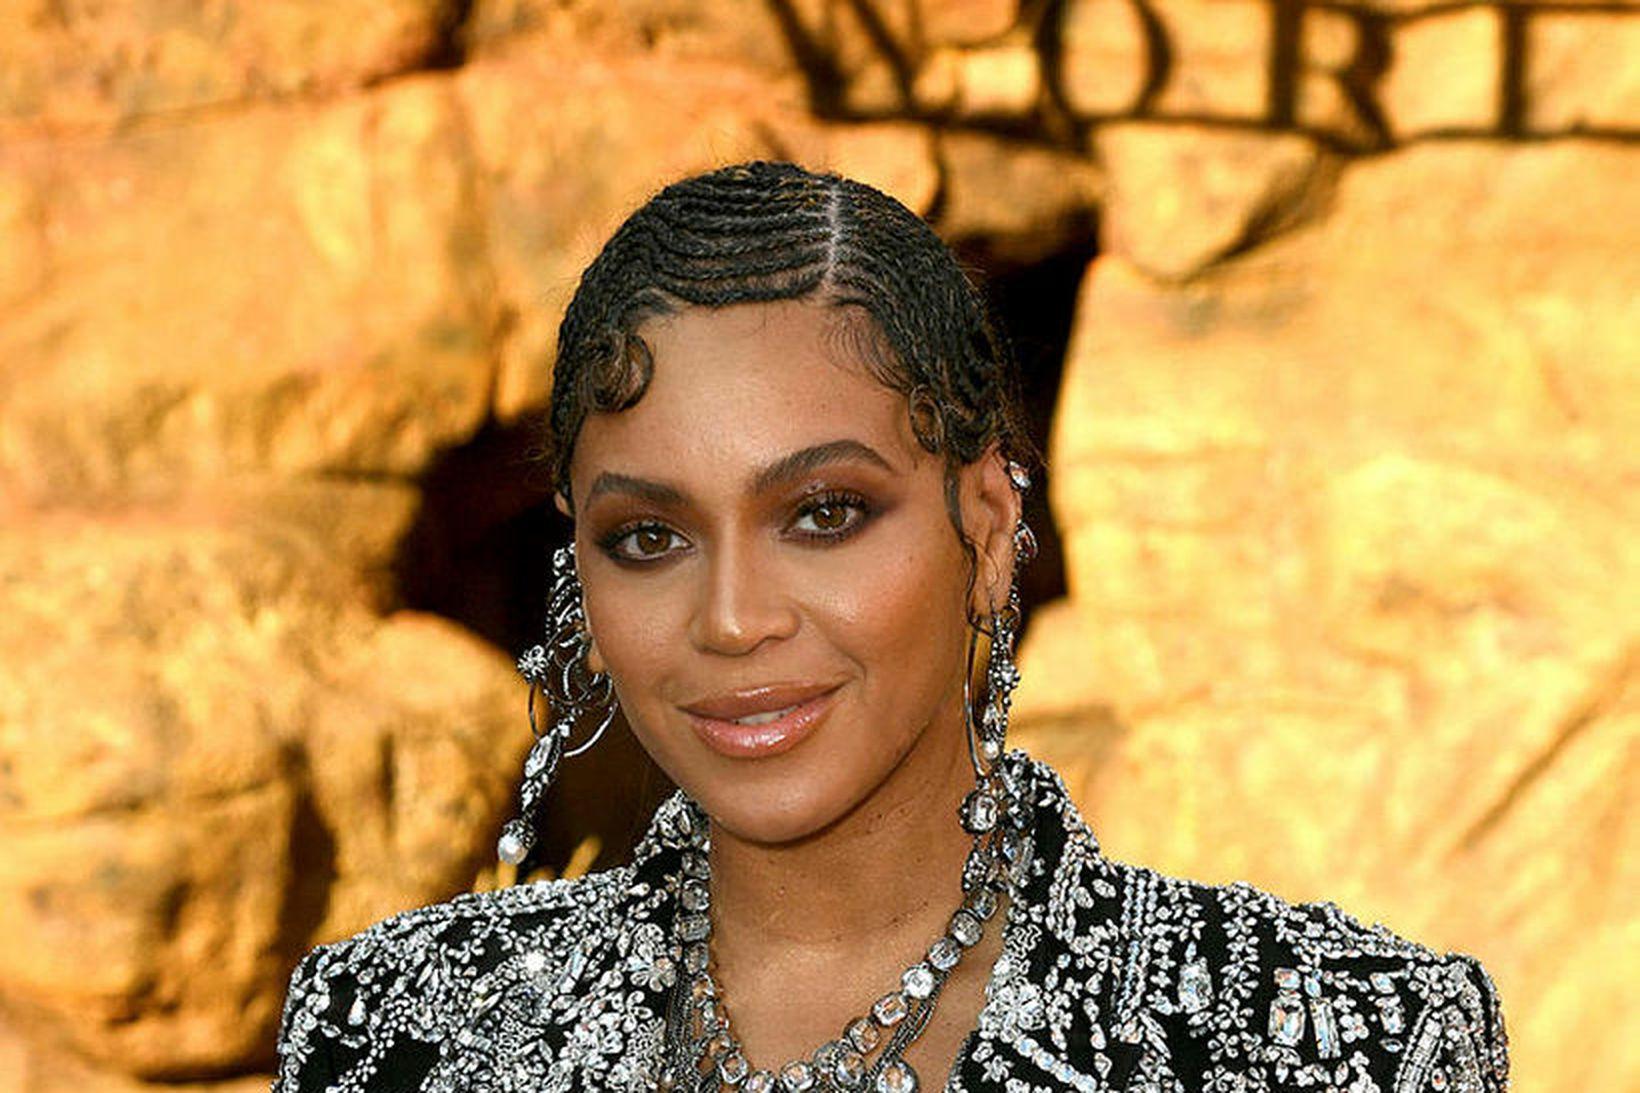 Beyoncé missti fóstur nokkrum sinnum áður en hún eignaðist eldri …